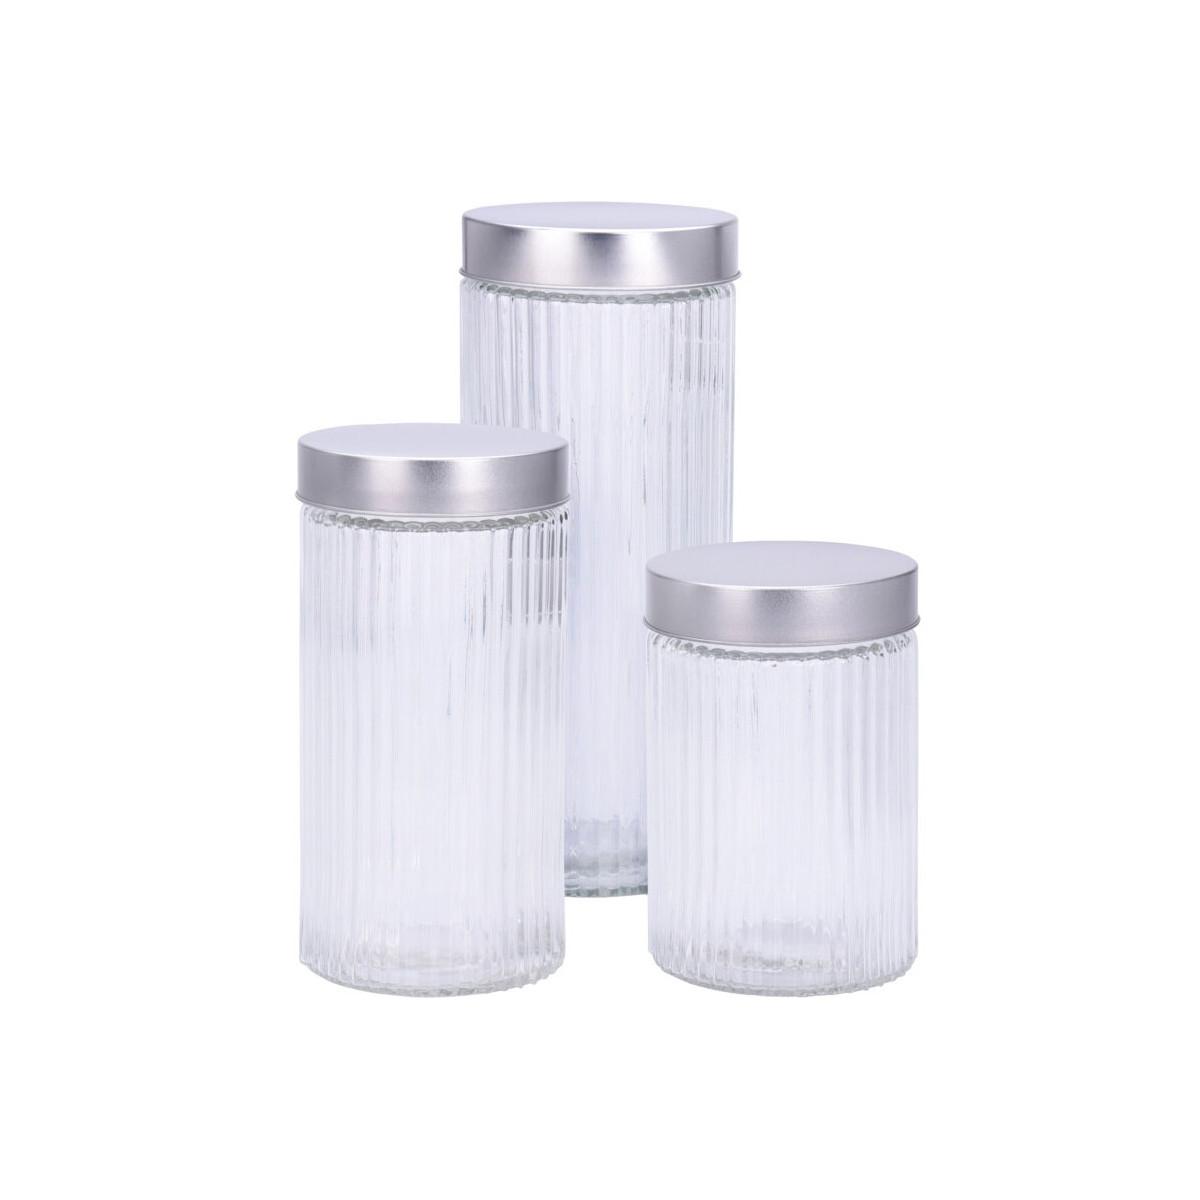 Set de 3 bocaux de cuisine hermétique verre strié et métal chromé